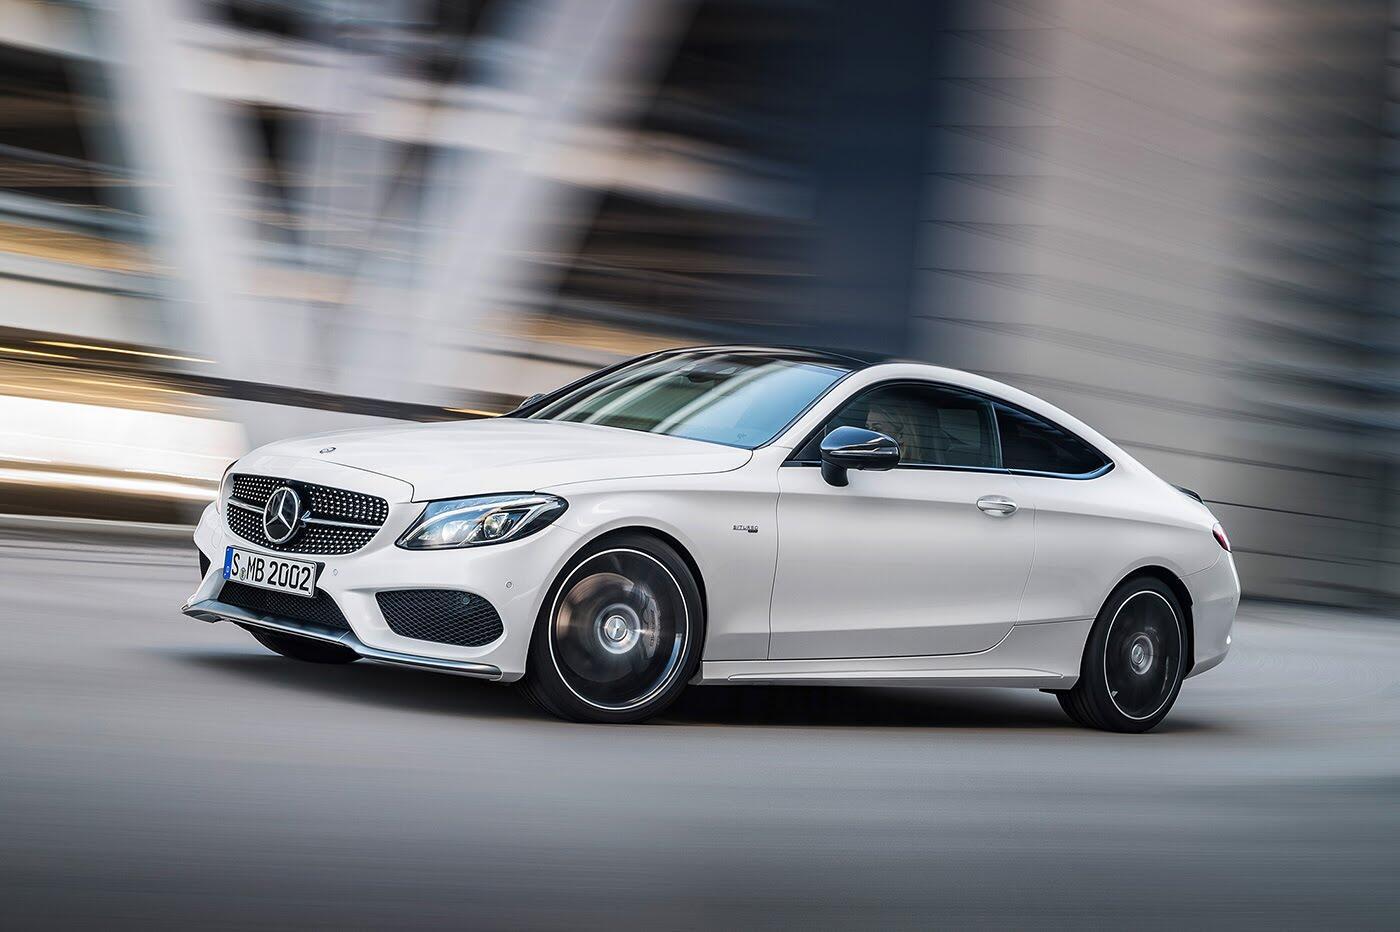 Mercedes-AMG C43 Coupe giá 4,2 tỷ đầu tiên về Việt Nam - Hình 16